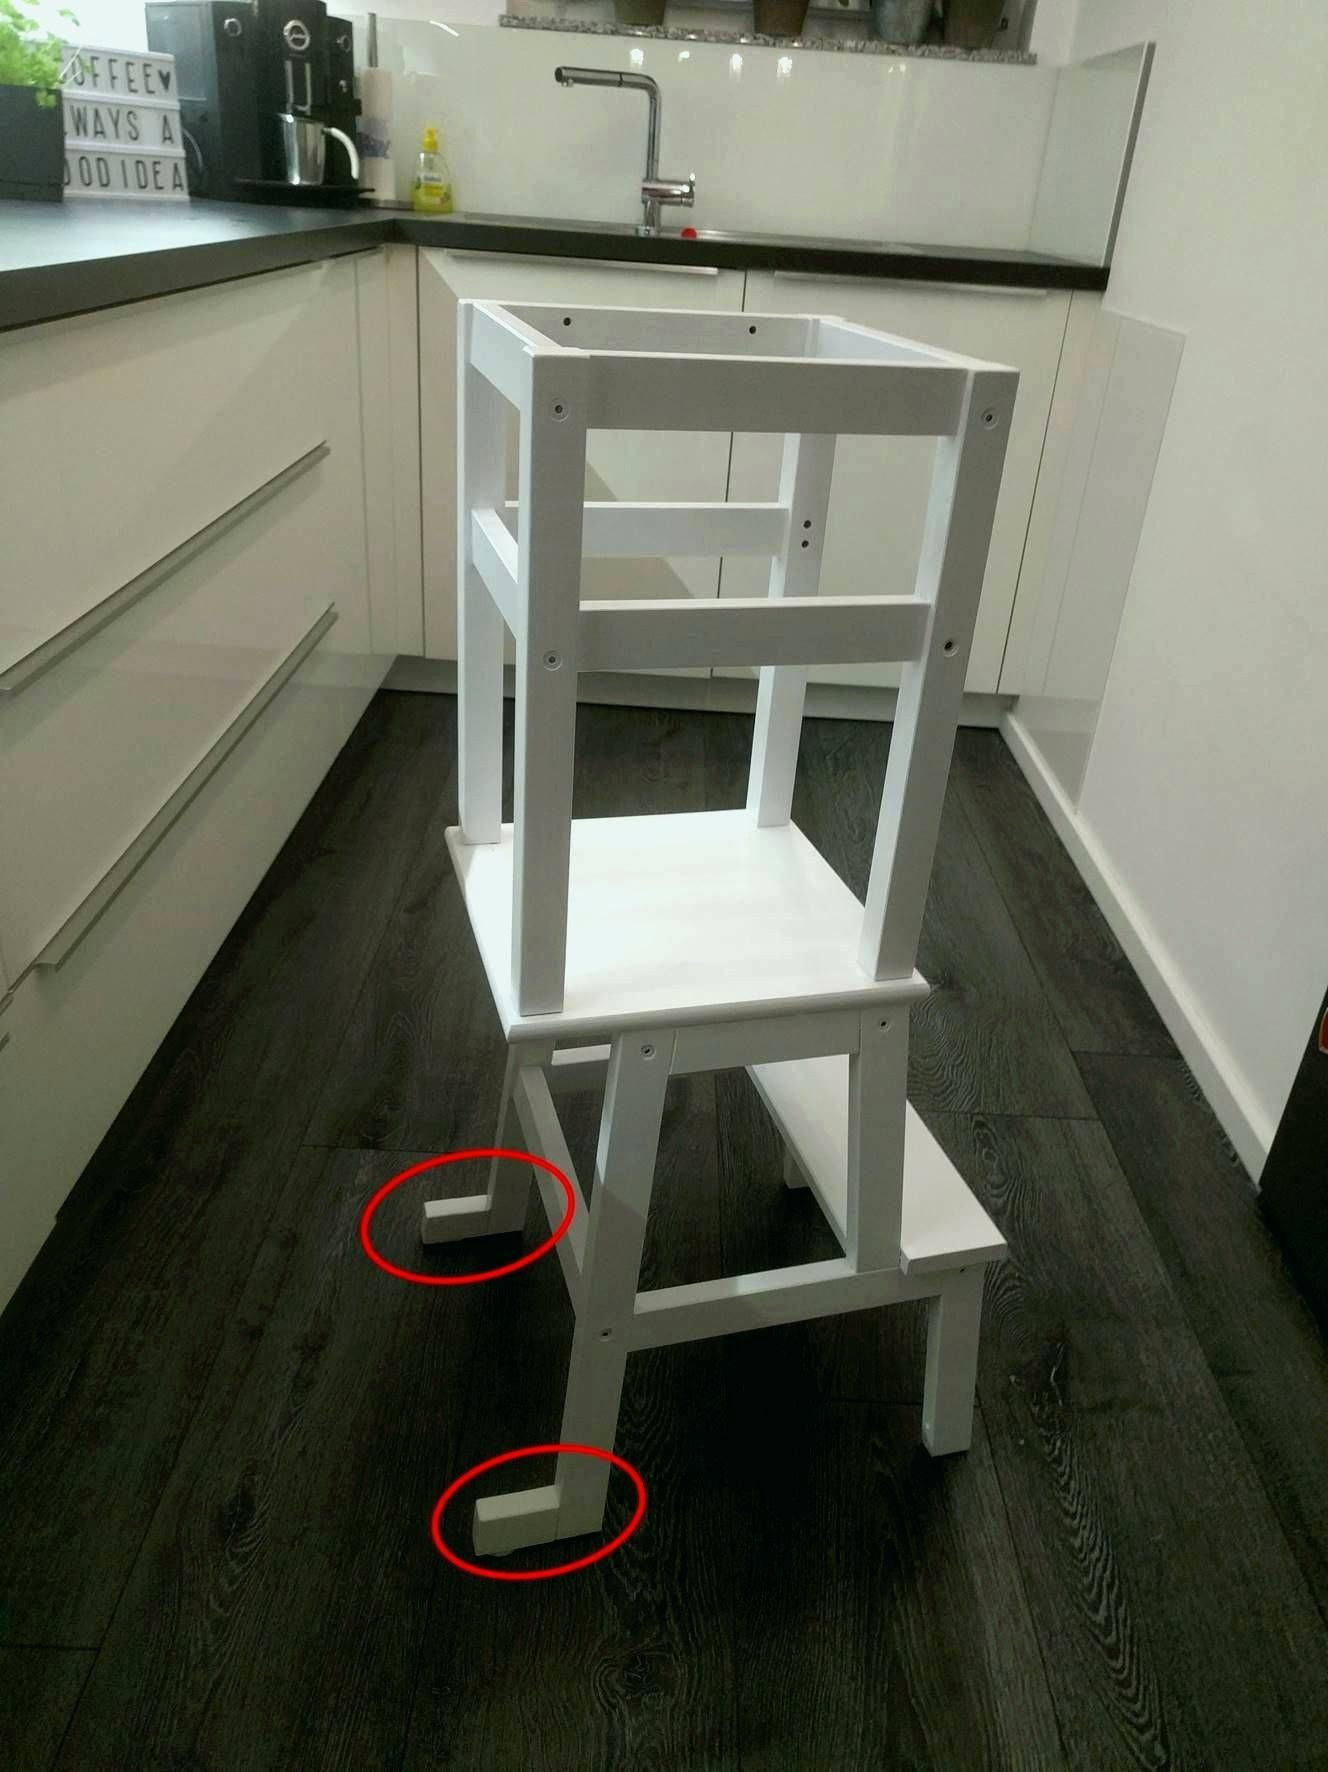 Lit Mezzanine Stuva Meilleur De 53 Luxe Ikea Lit Stuva